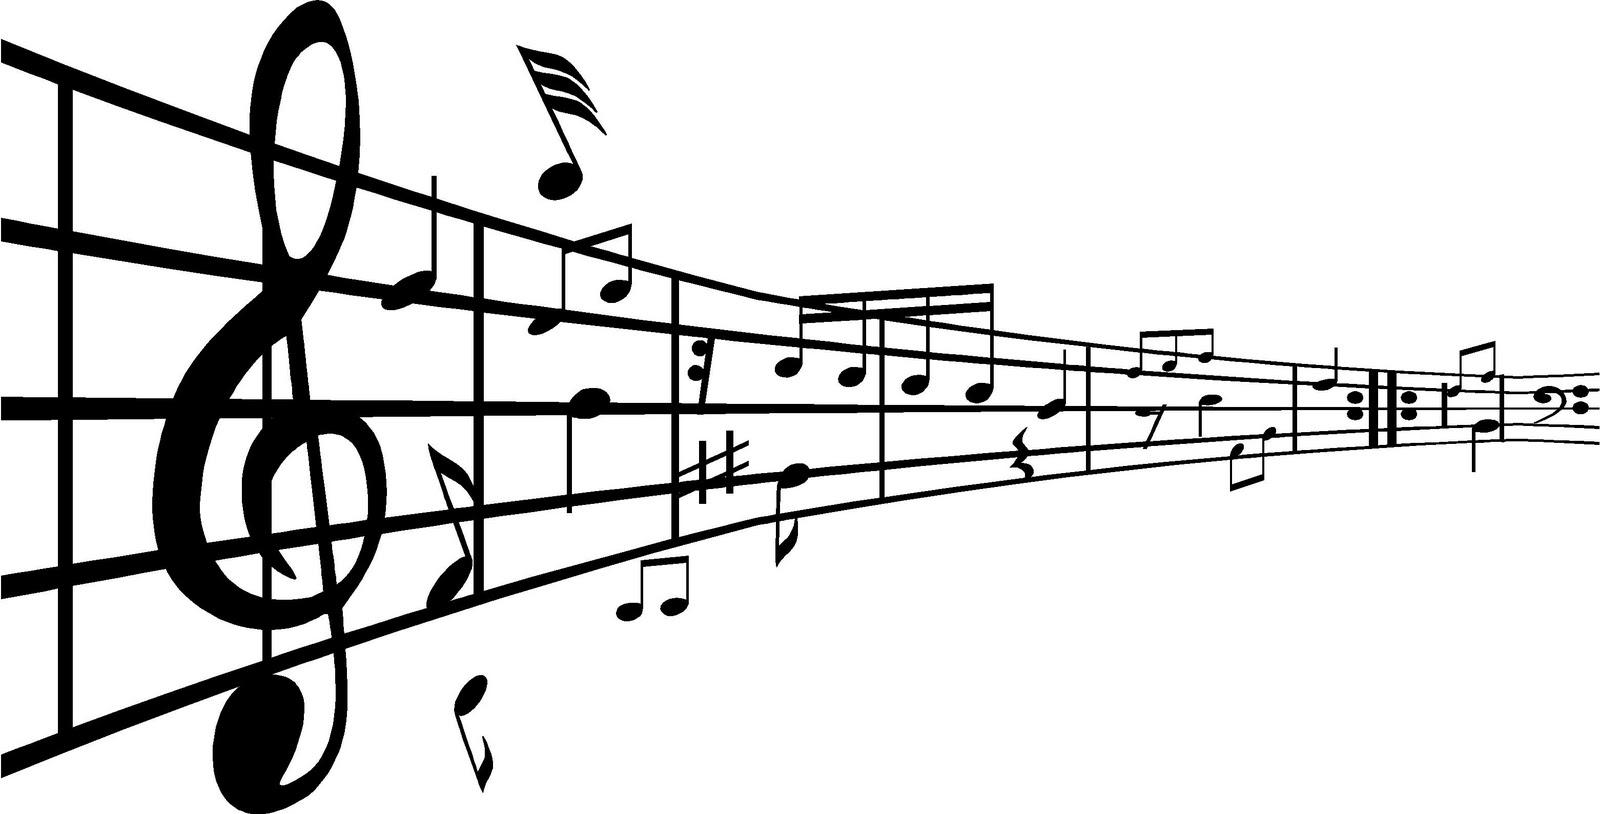 influencia de la musica de beethoven: